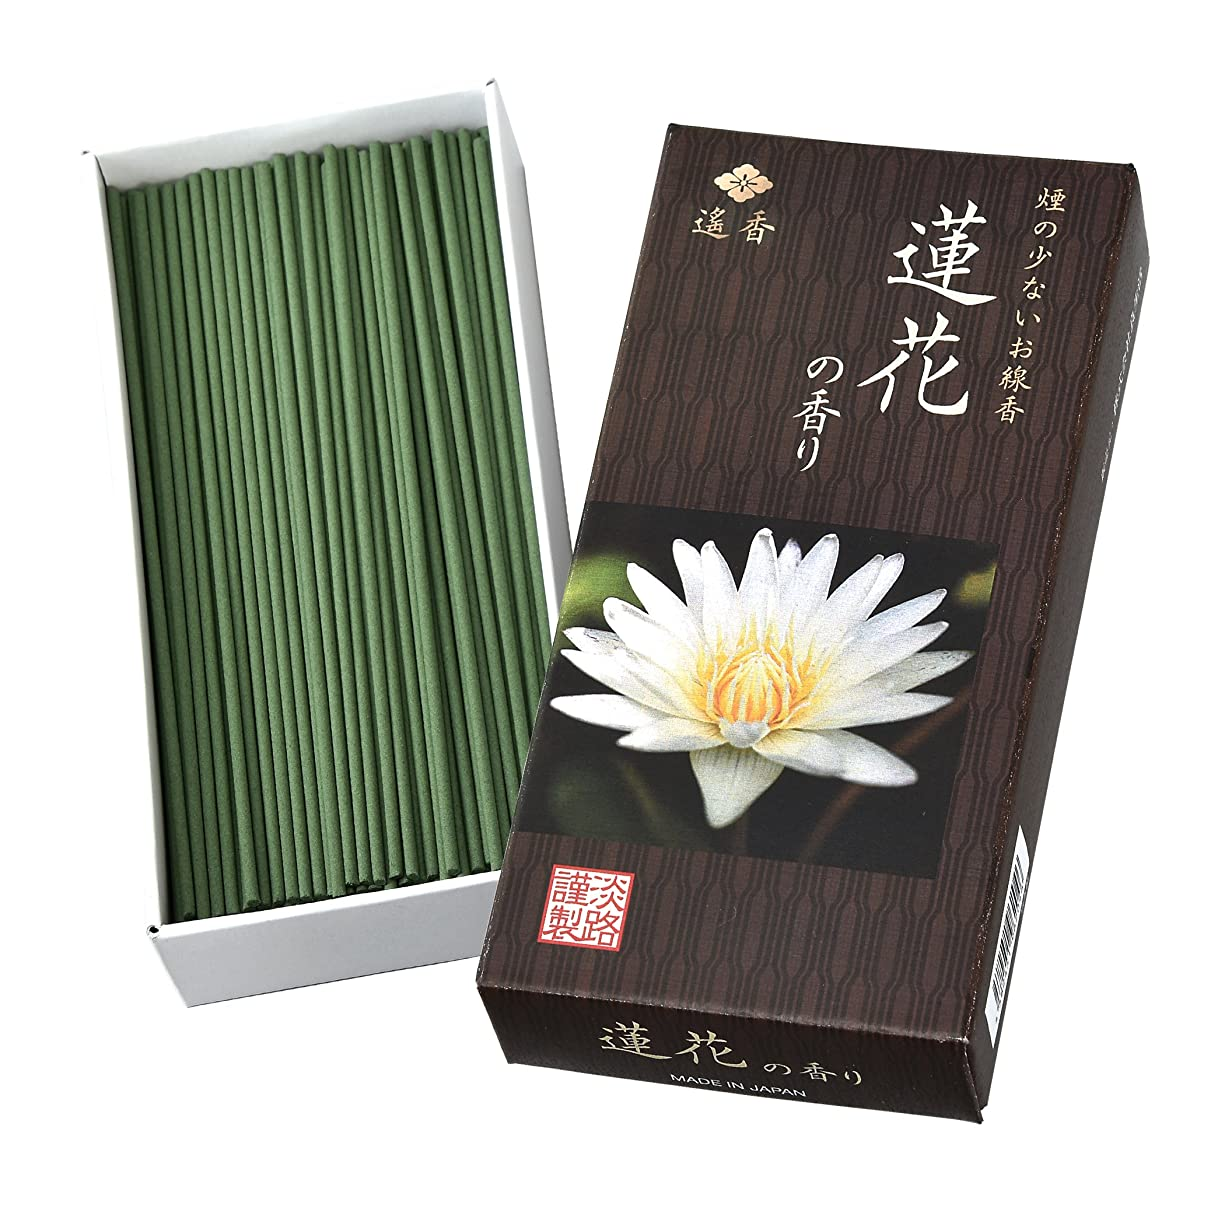 良生活 遙香 蓮花の香り 3個